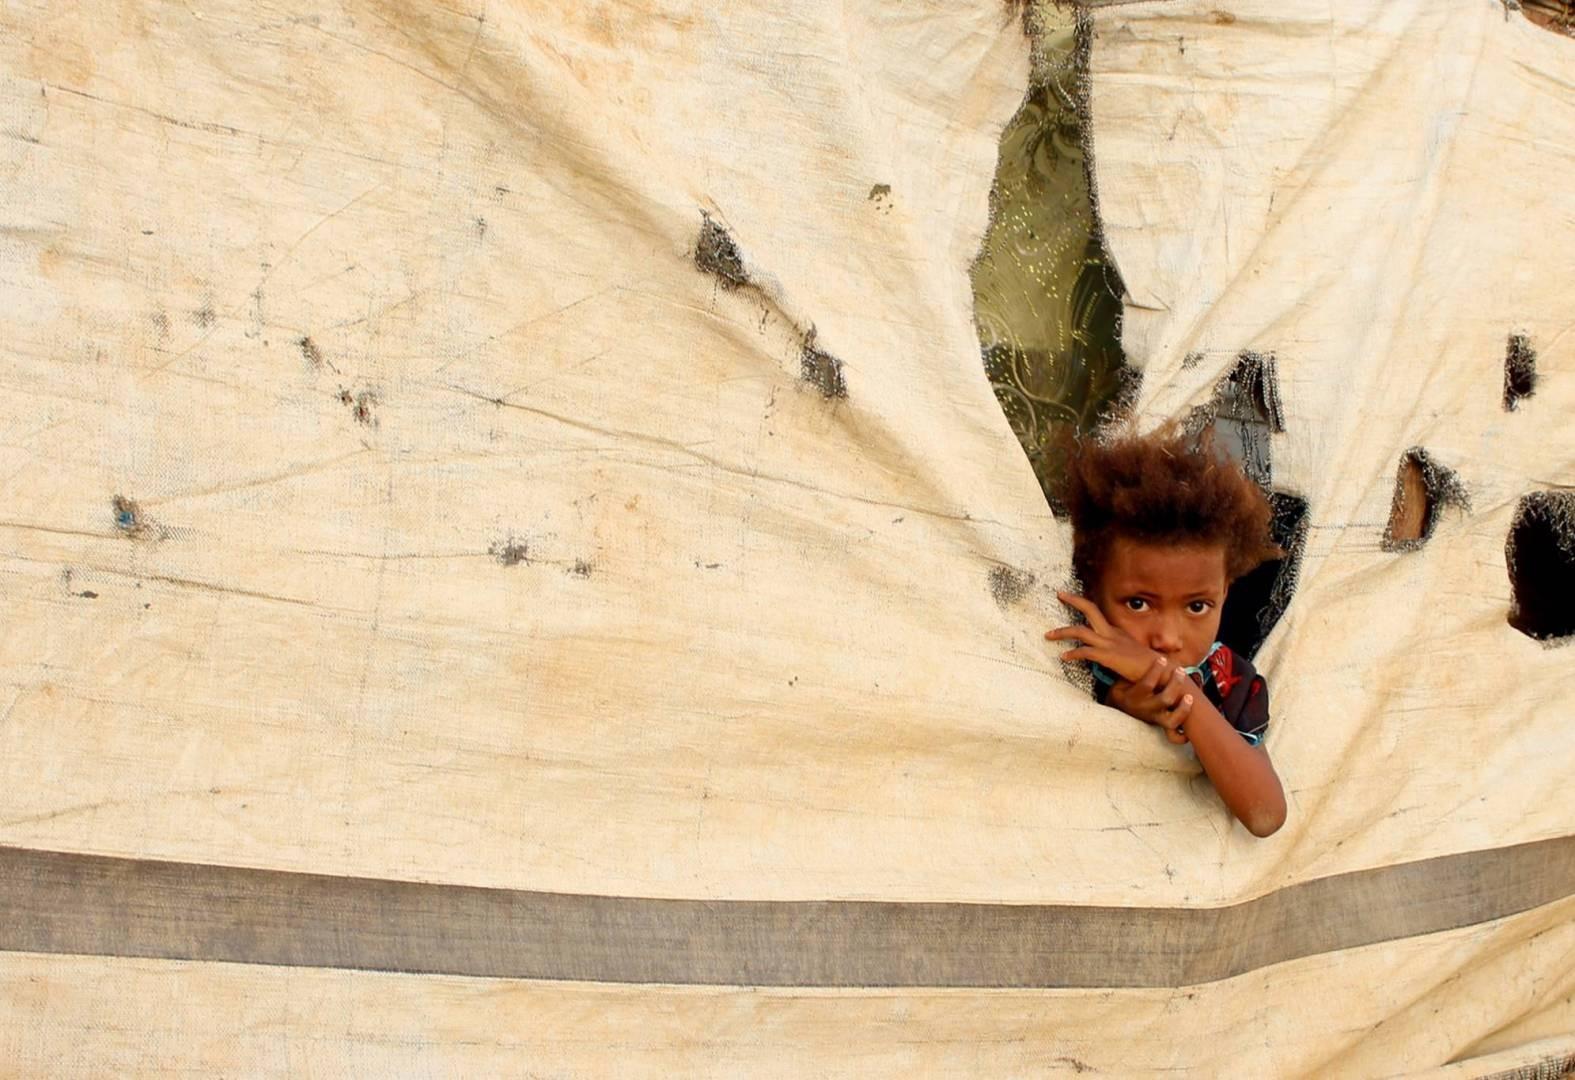 """برنامج الأغذية العالمي يهدّد بوقف المساعدات في مناطق الحوثيّين باليمن بسبب """"اختلاسات"""""""